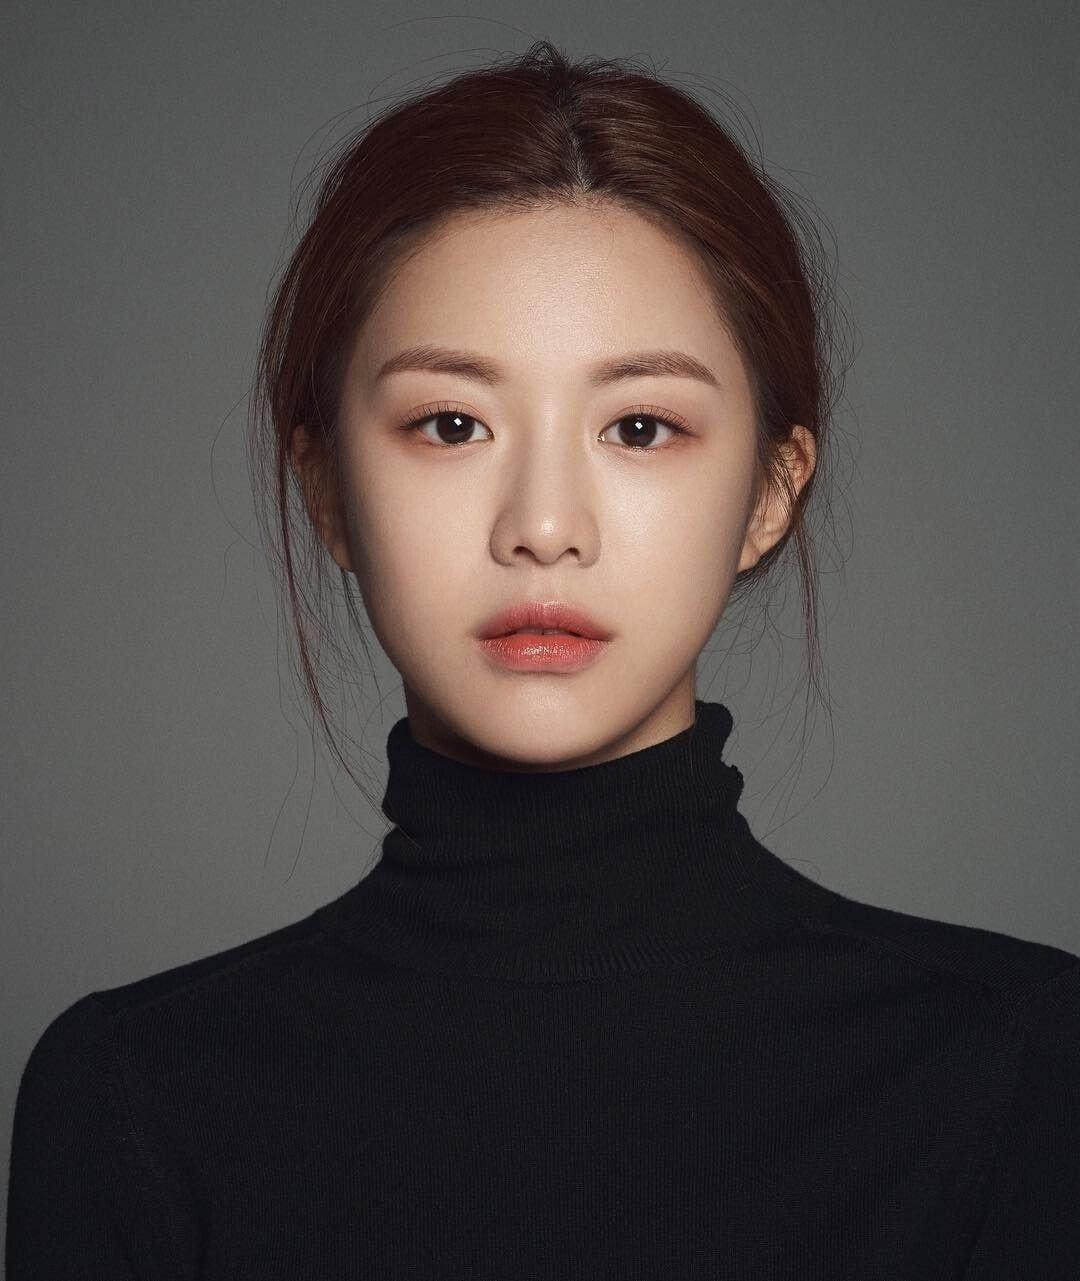 1.jpg 최근 신인 여배우들중 가장 정석미녀 스타일 같은 배우.jpg